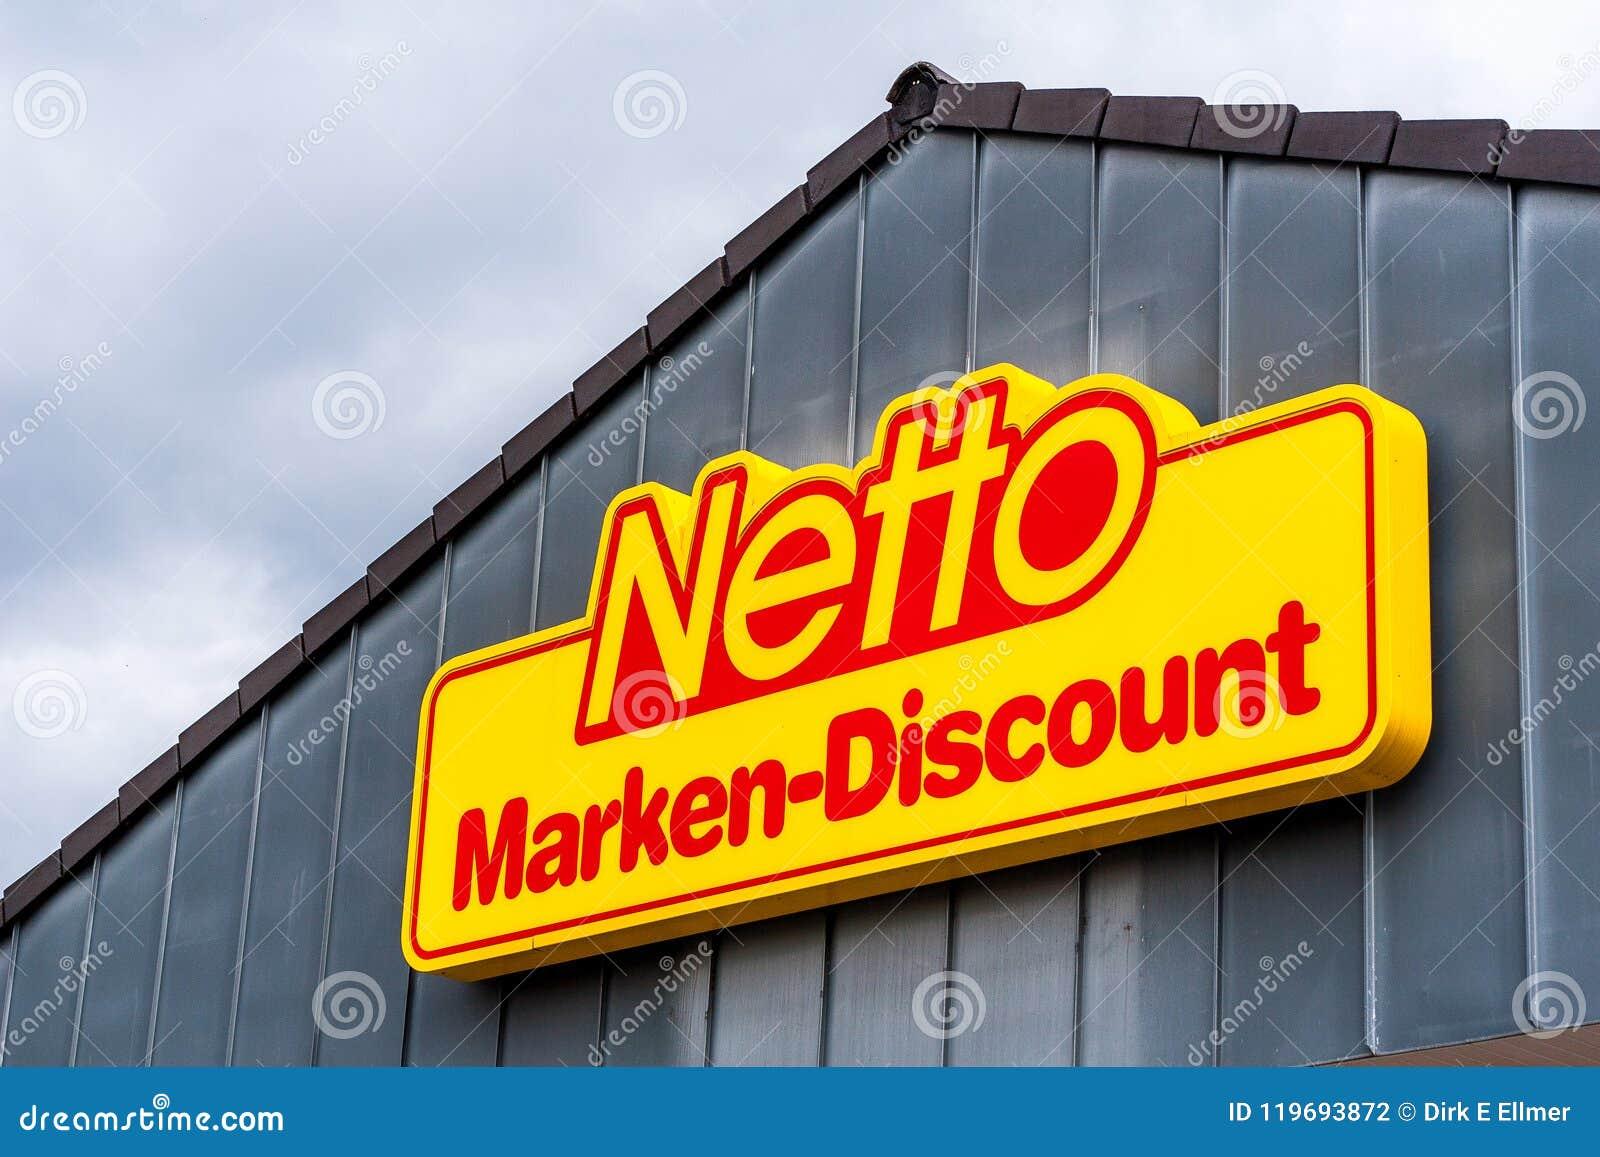 Netto marken discount essen